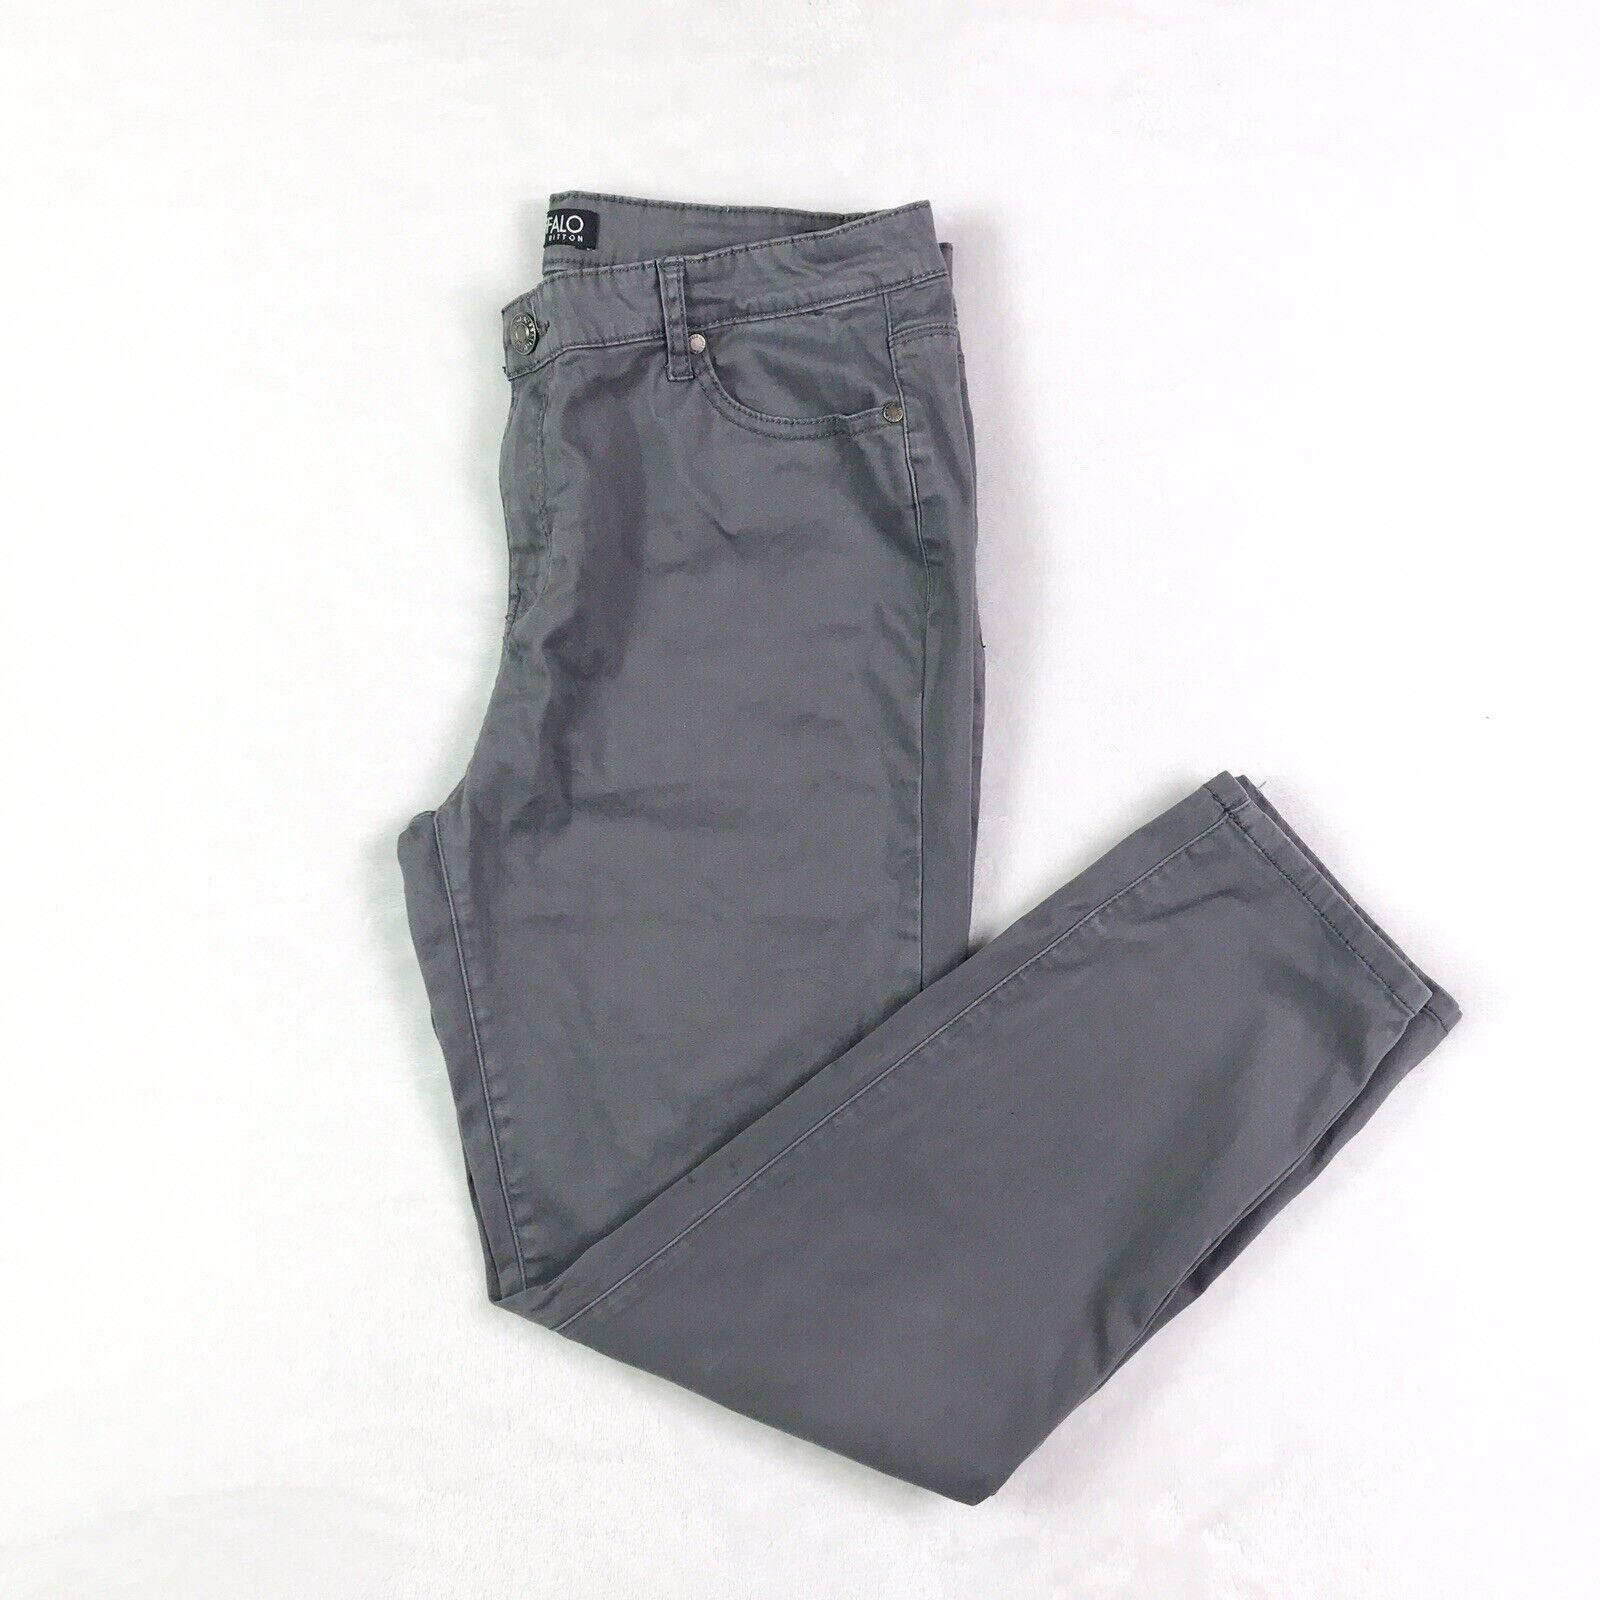 Francesca Buffalo Women/'s Skinny Mid-Rise Jeans 2//26